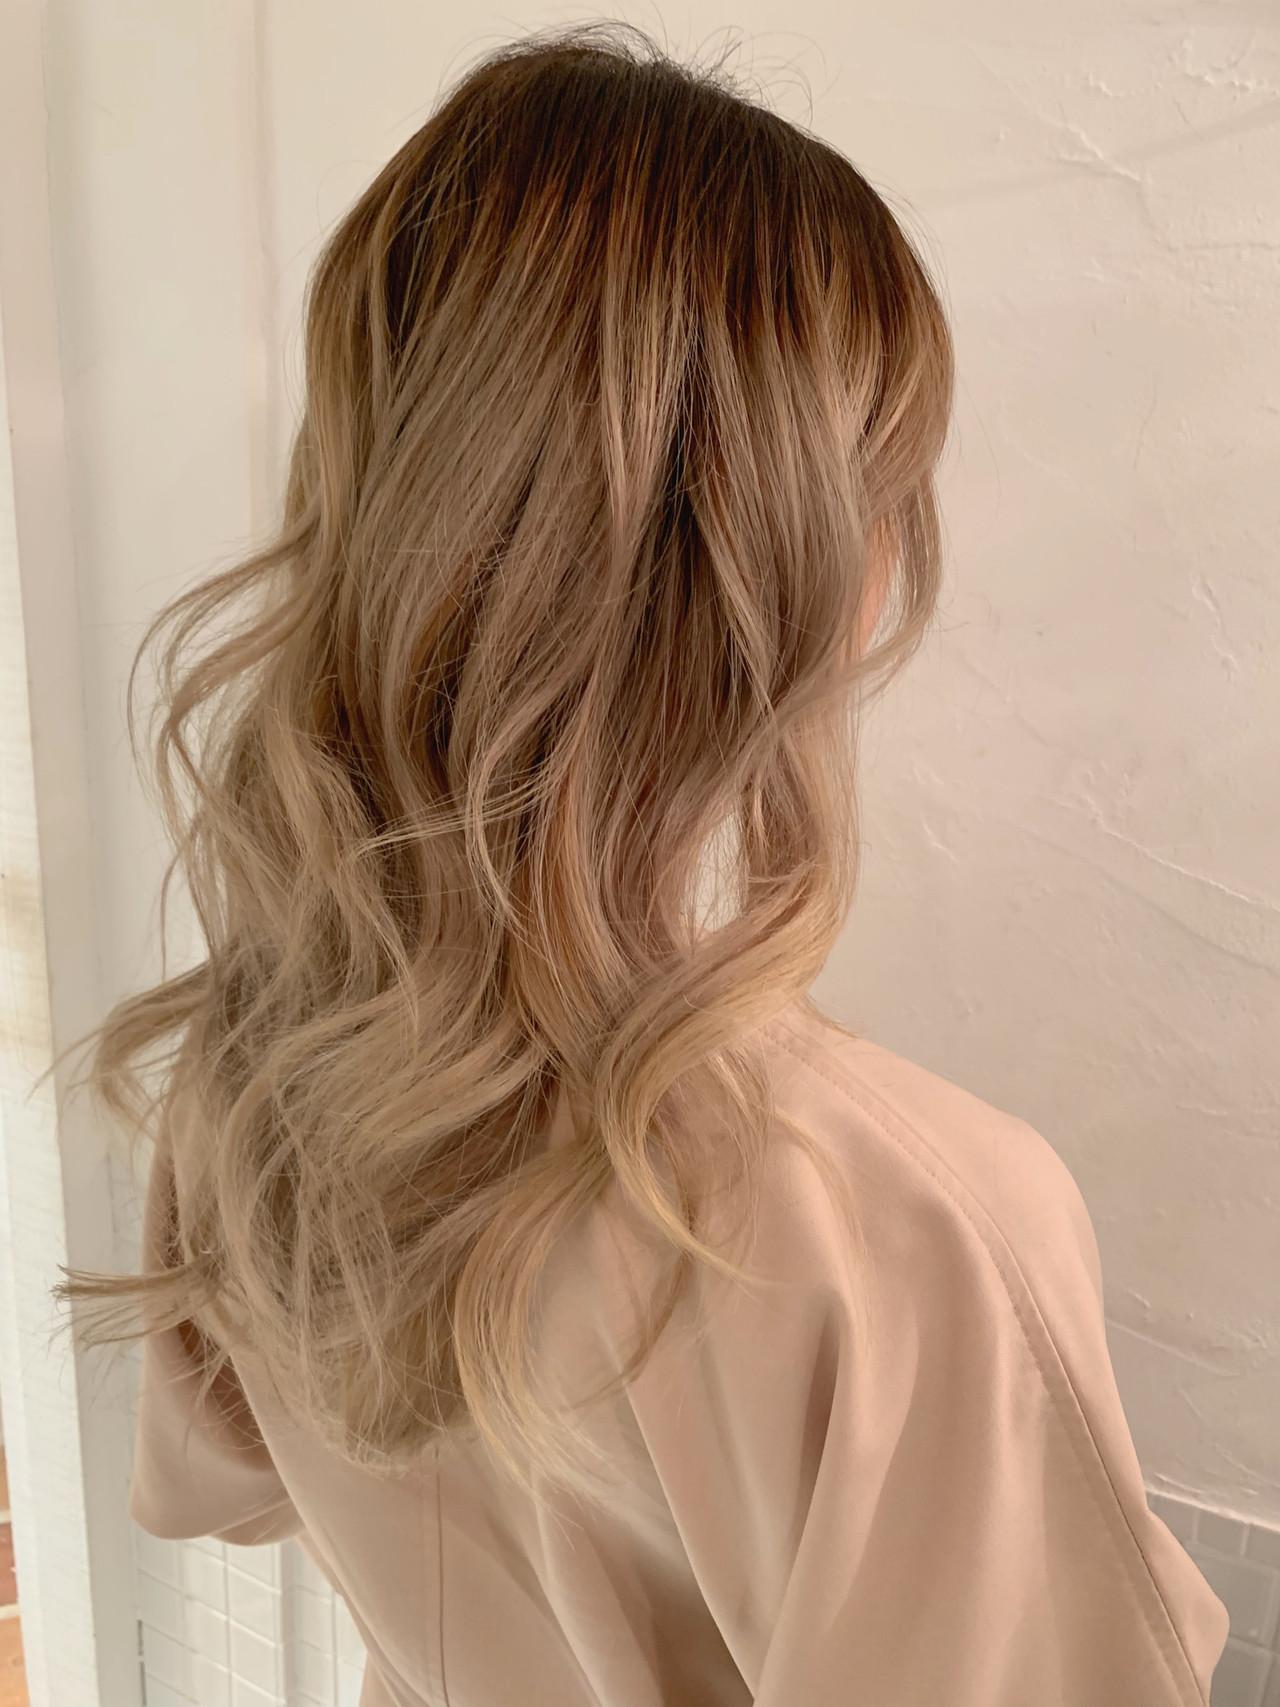 ヘルシースタイル 外国人風カラー ロング ハイライト ヘアスタイルや髪型の写真・画像